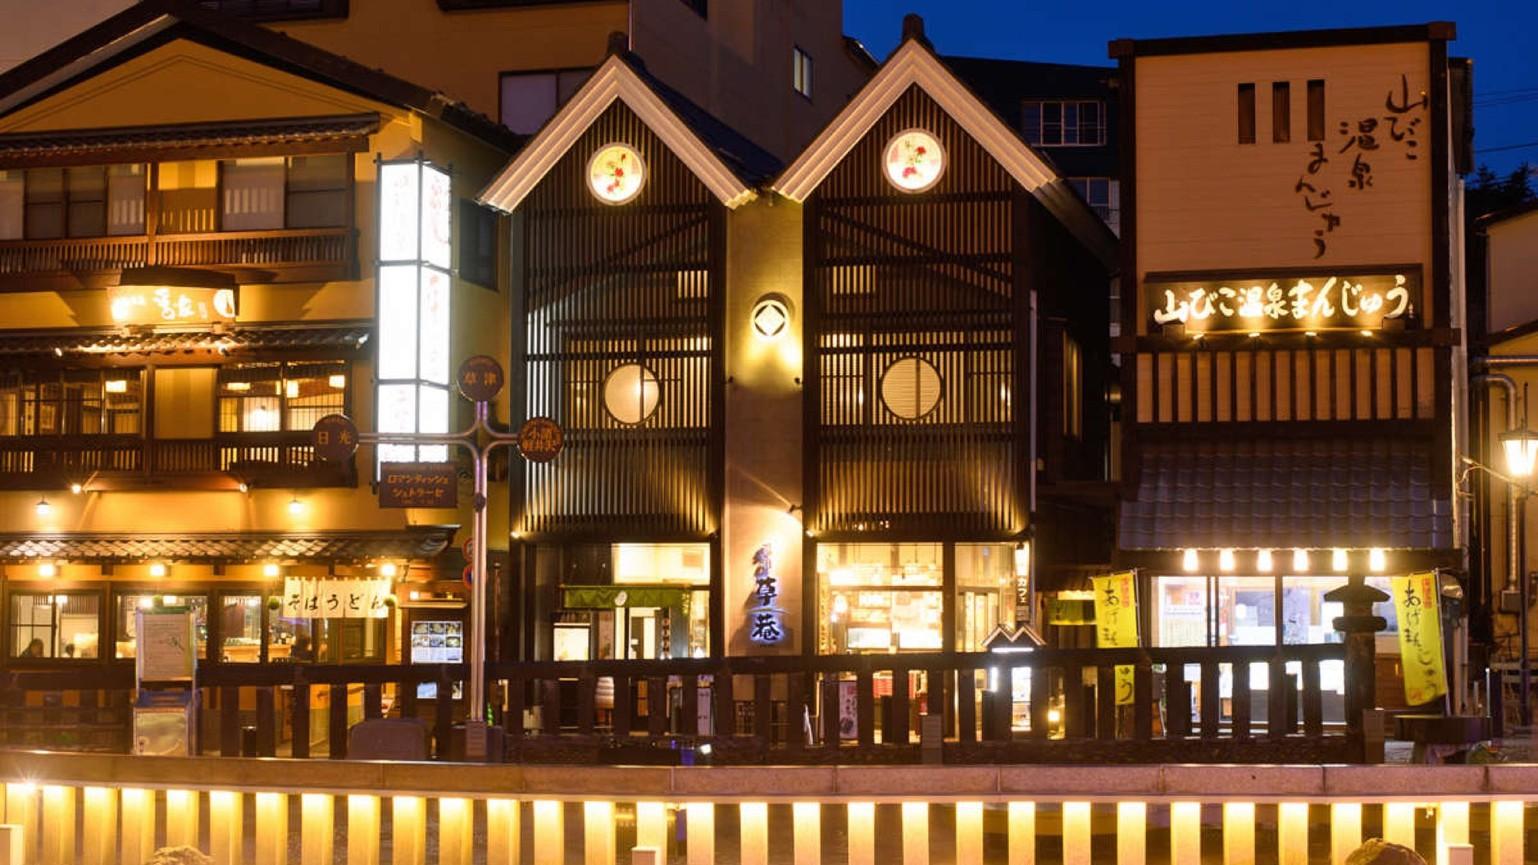 草津温泉への家族旅行です。高齢者に優しいホテルを探してます。